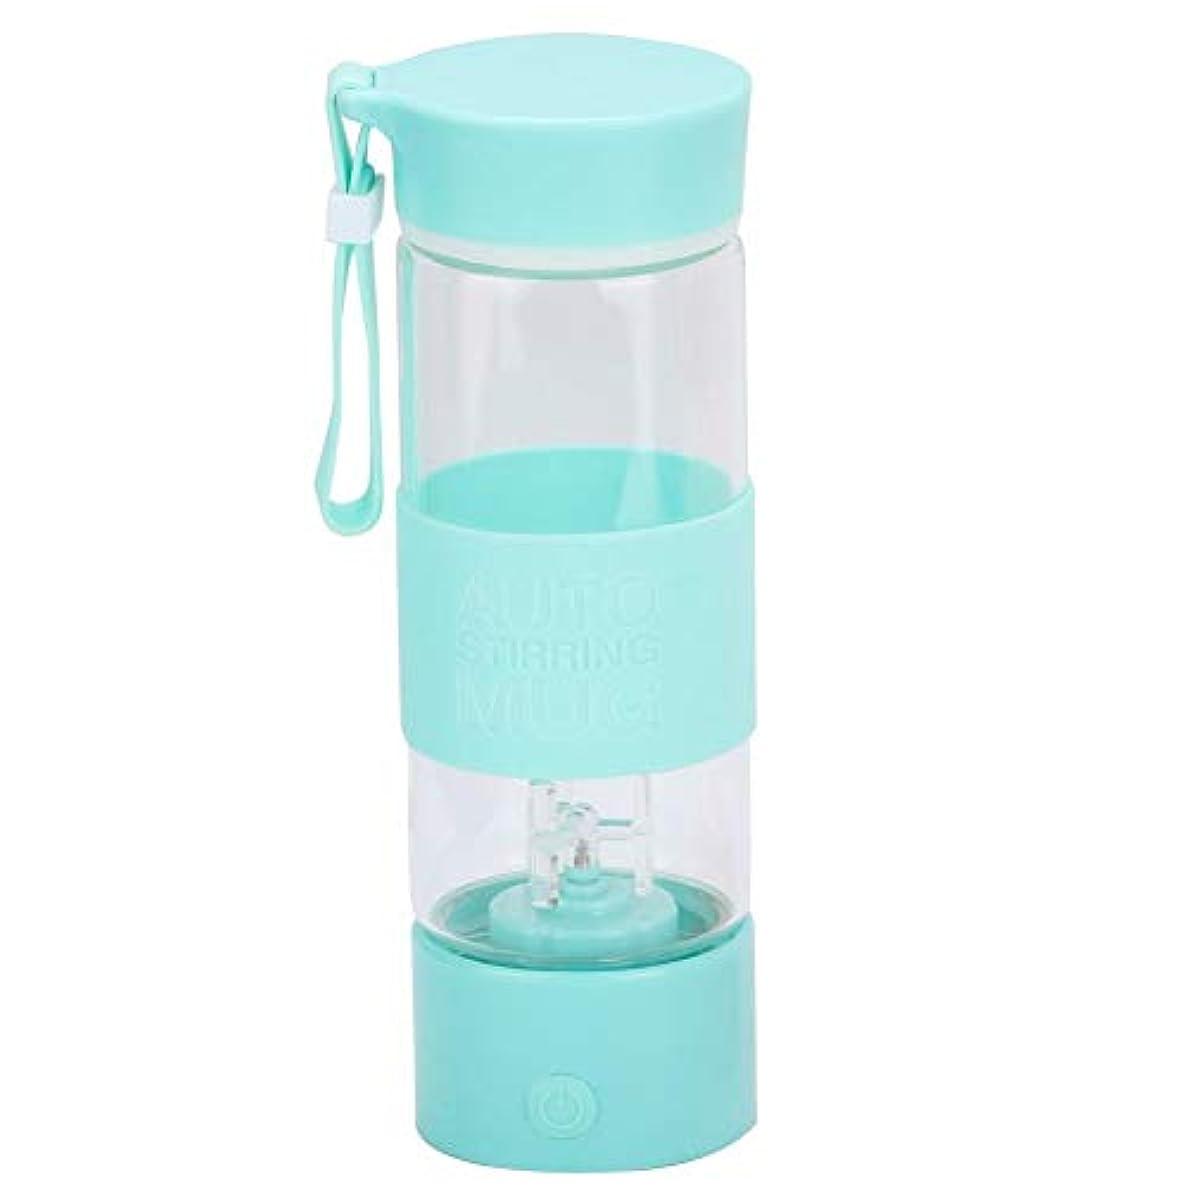 どうやら最高従うBlenderBottle、400ml電動自動混合コーヒー攪拌ボトル高ホウケイ酸ガラス断熱ボトル、ポータブルシリコンロープ付き(緑)